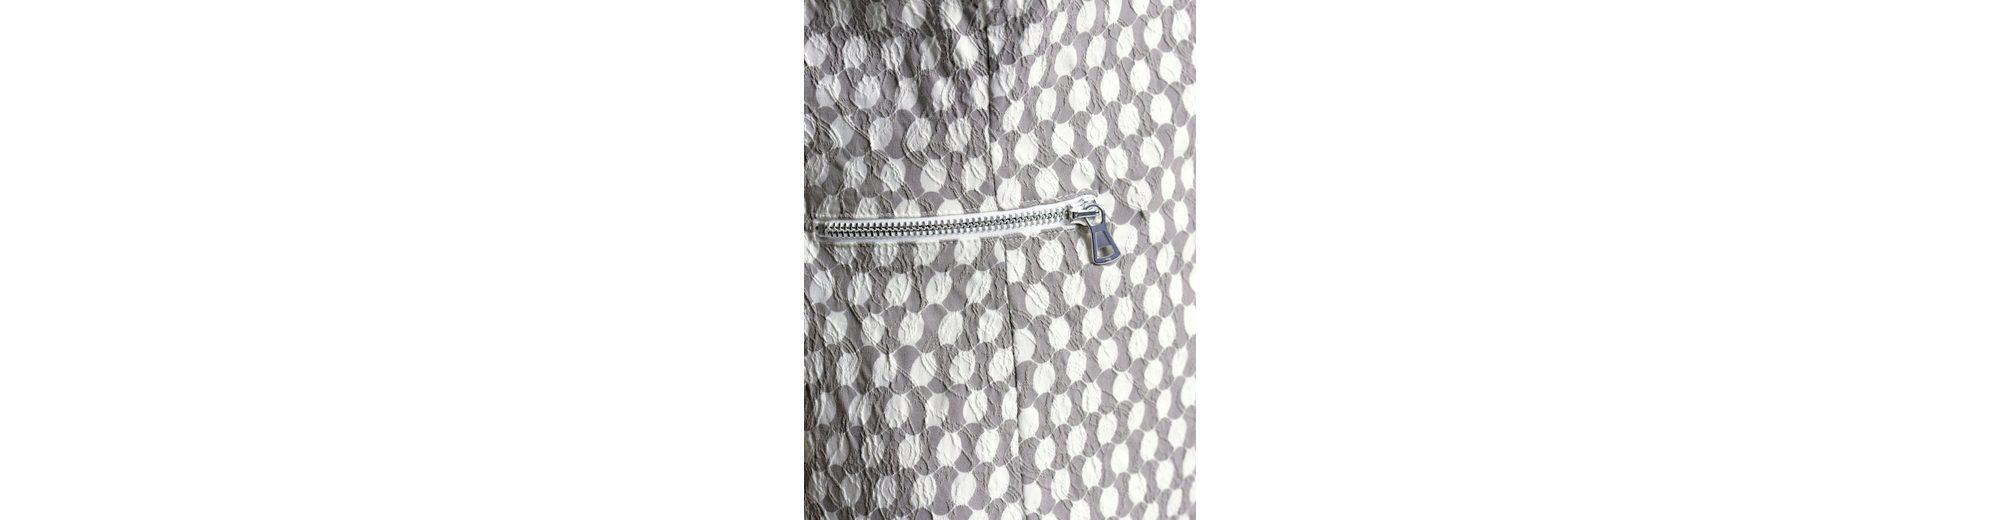 Günstigen Preis Kaufen Rabatt Um Online-Verkauf Alba Moda Kleid im Jacquard-Tupfendessin Steckdose Freies Verschiffen Authentische 2018 Kühl Q9cDXml